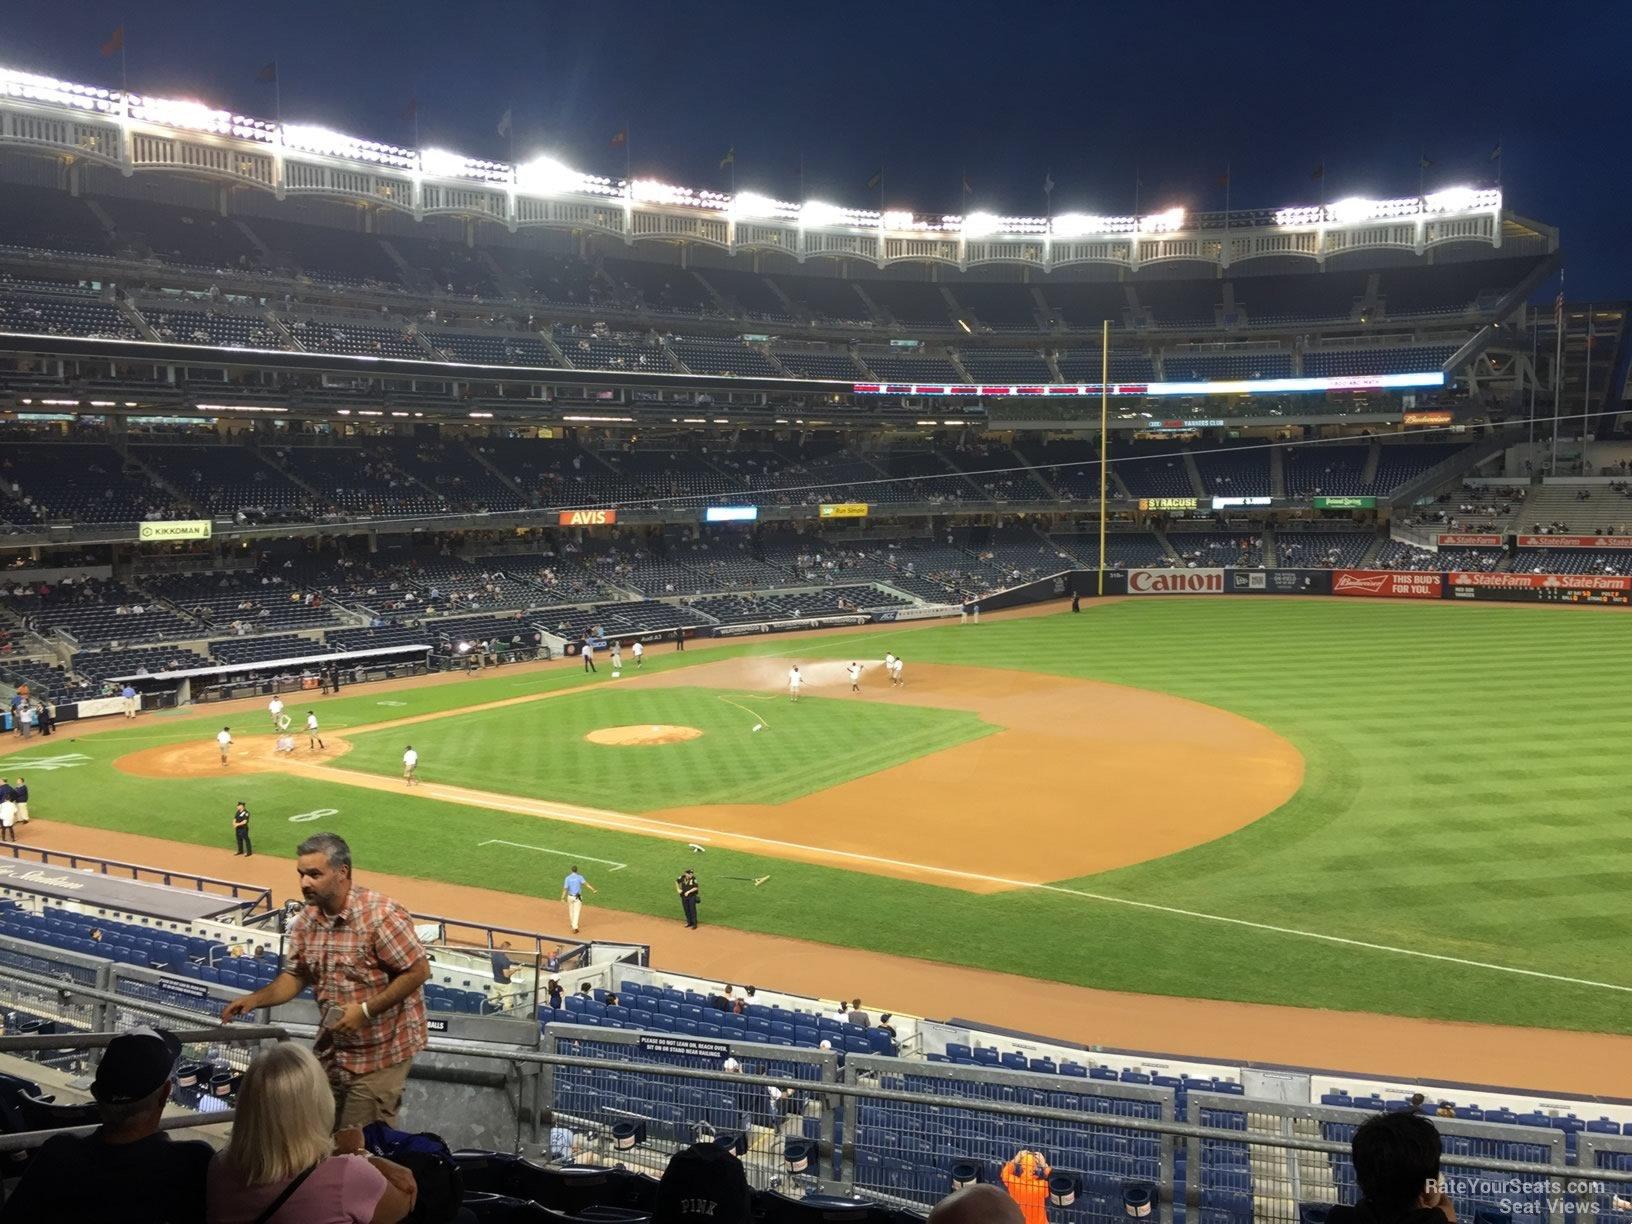 Yankee Stadium Seating Chart Baseball | Brokeasshome.com